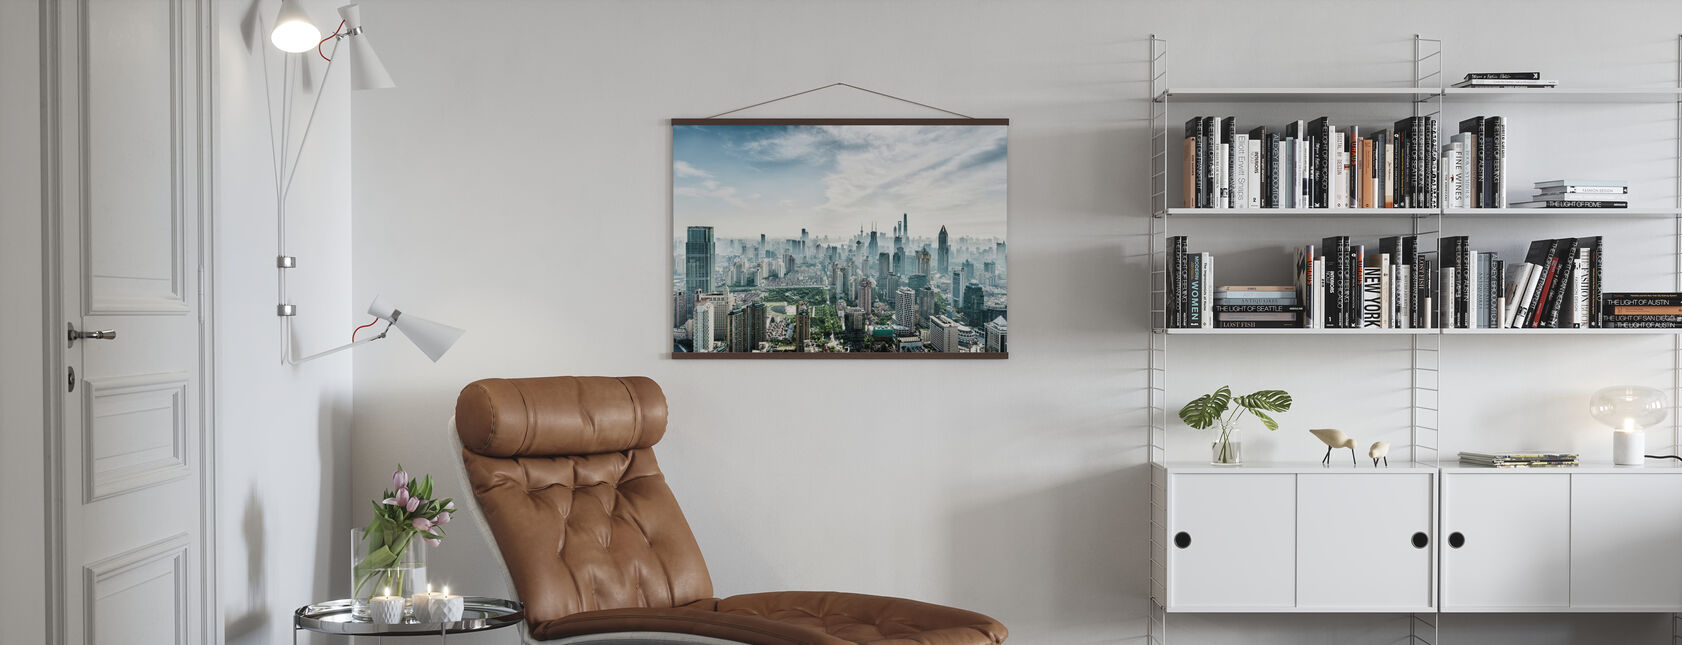 Skyline von Shanghai - Poster - Wohnzimmer